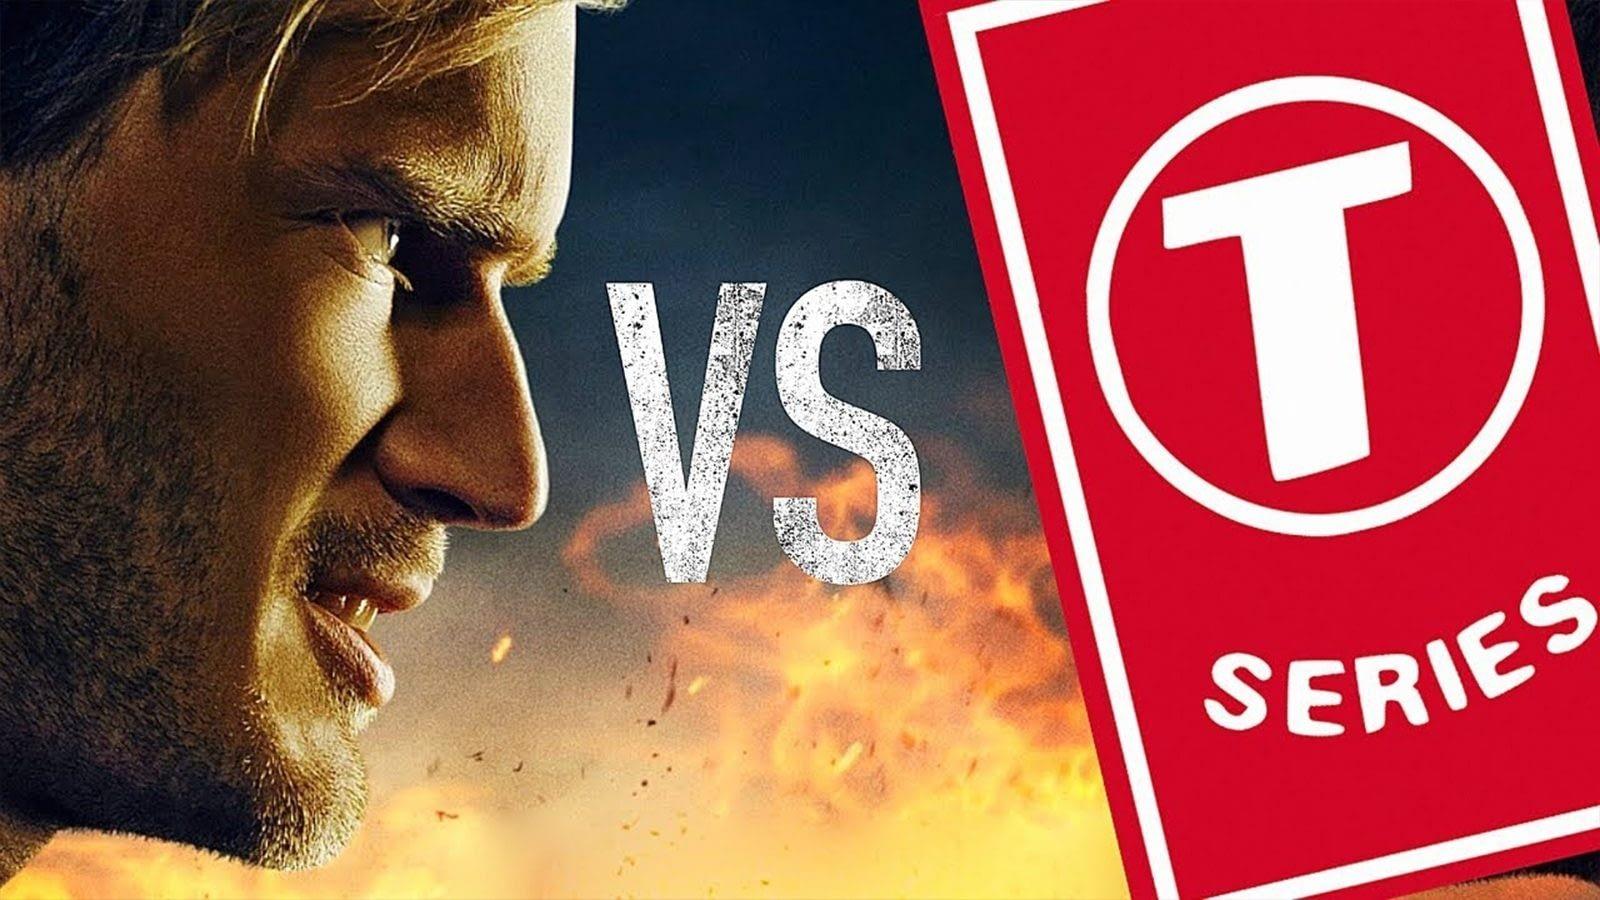 YouTube'un Zirvesinde Artık T-Series Var! Abone Savaşları : Yetiş PewDiePie!